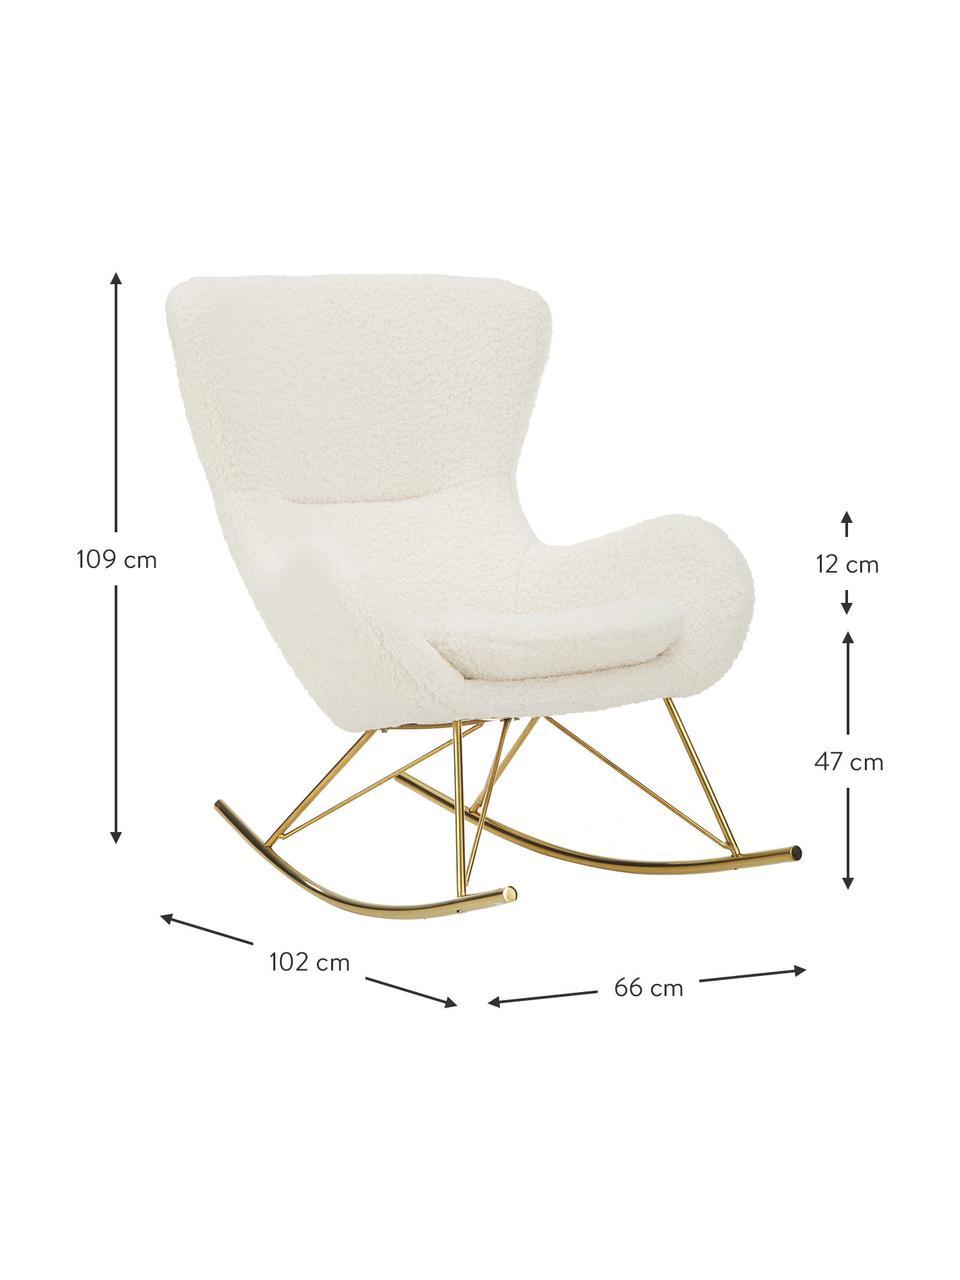 Teddy schommelstoel Wing in crèmewit met metalen poten, Bekleding: polyester (teddyvacht), Frame: gegalvaniseerd metaal, Teddy crèmewit, goudkleurig, B 77 x D 109 cm